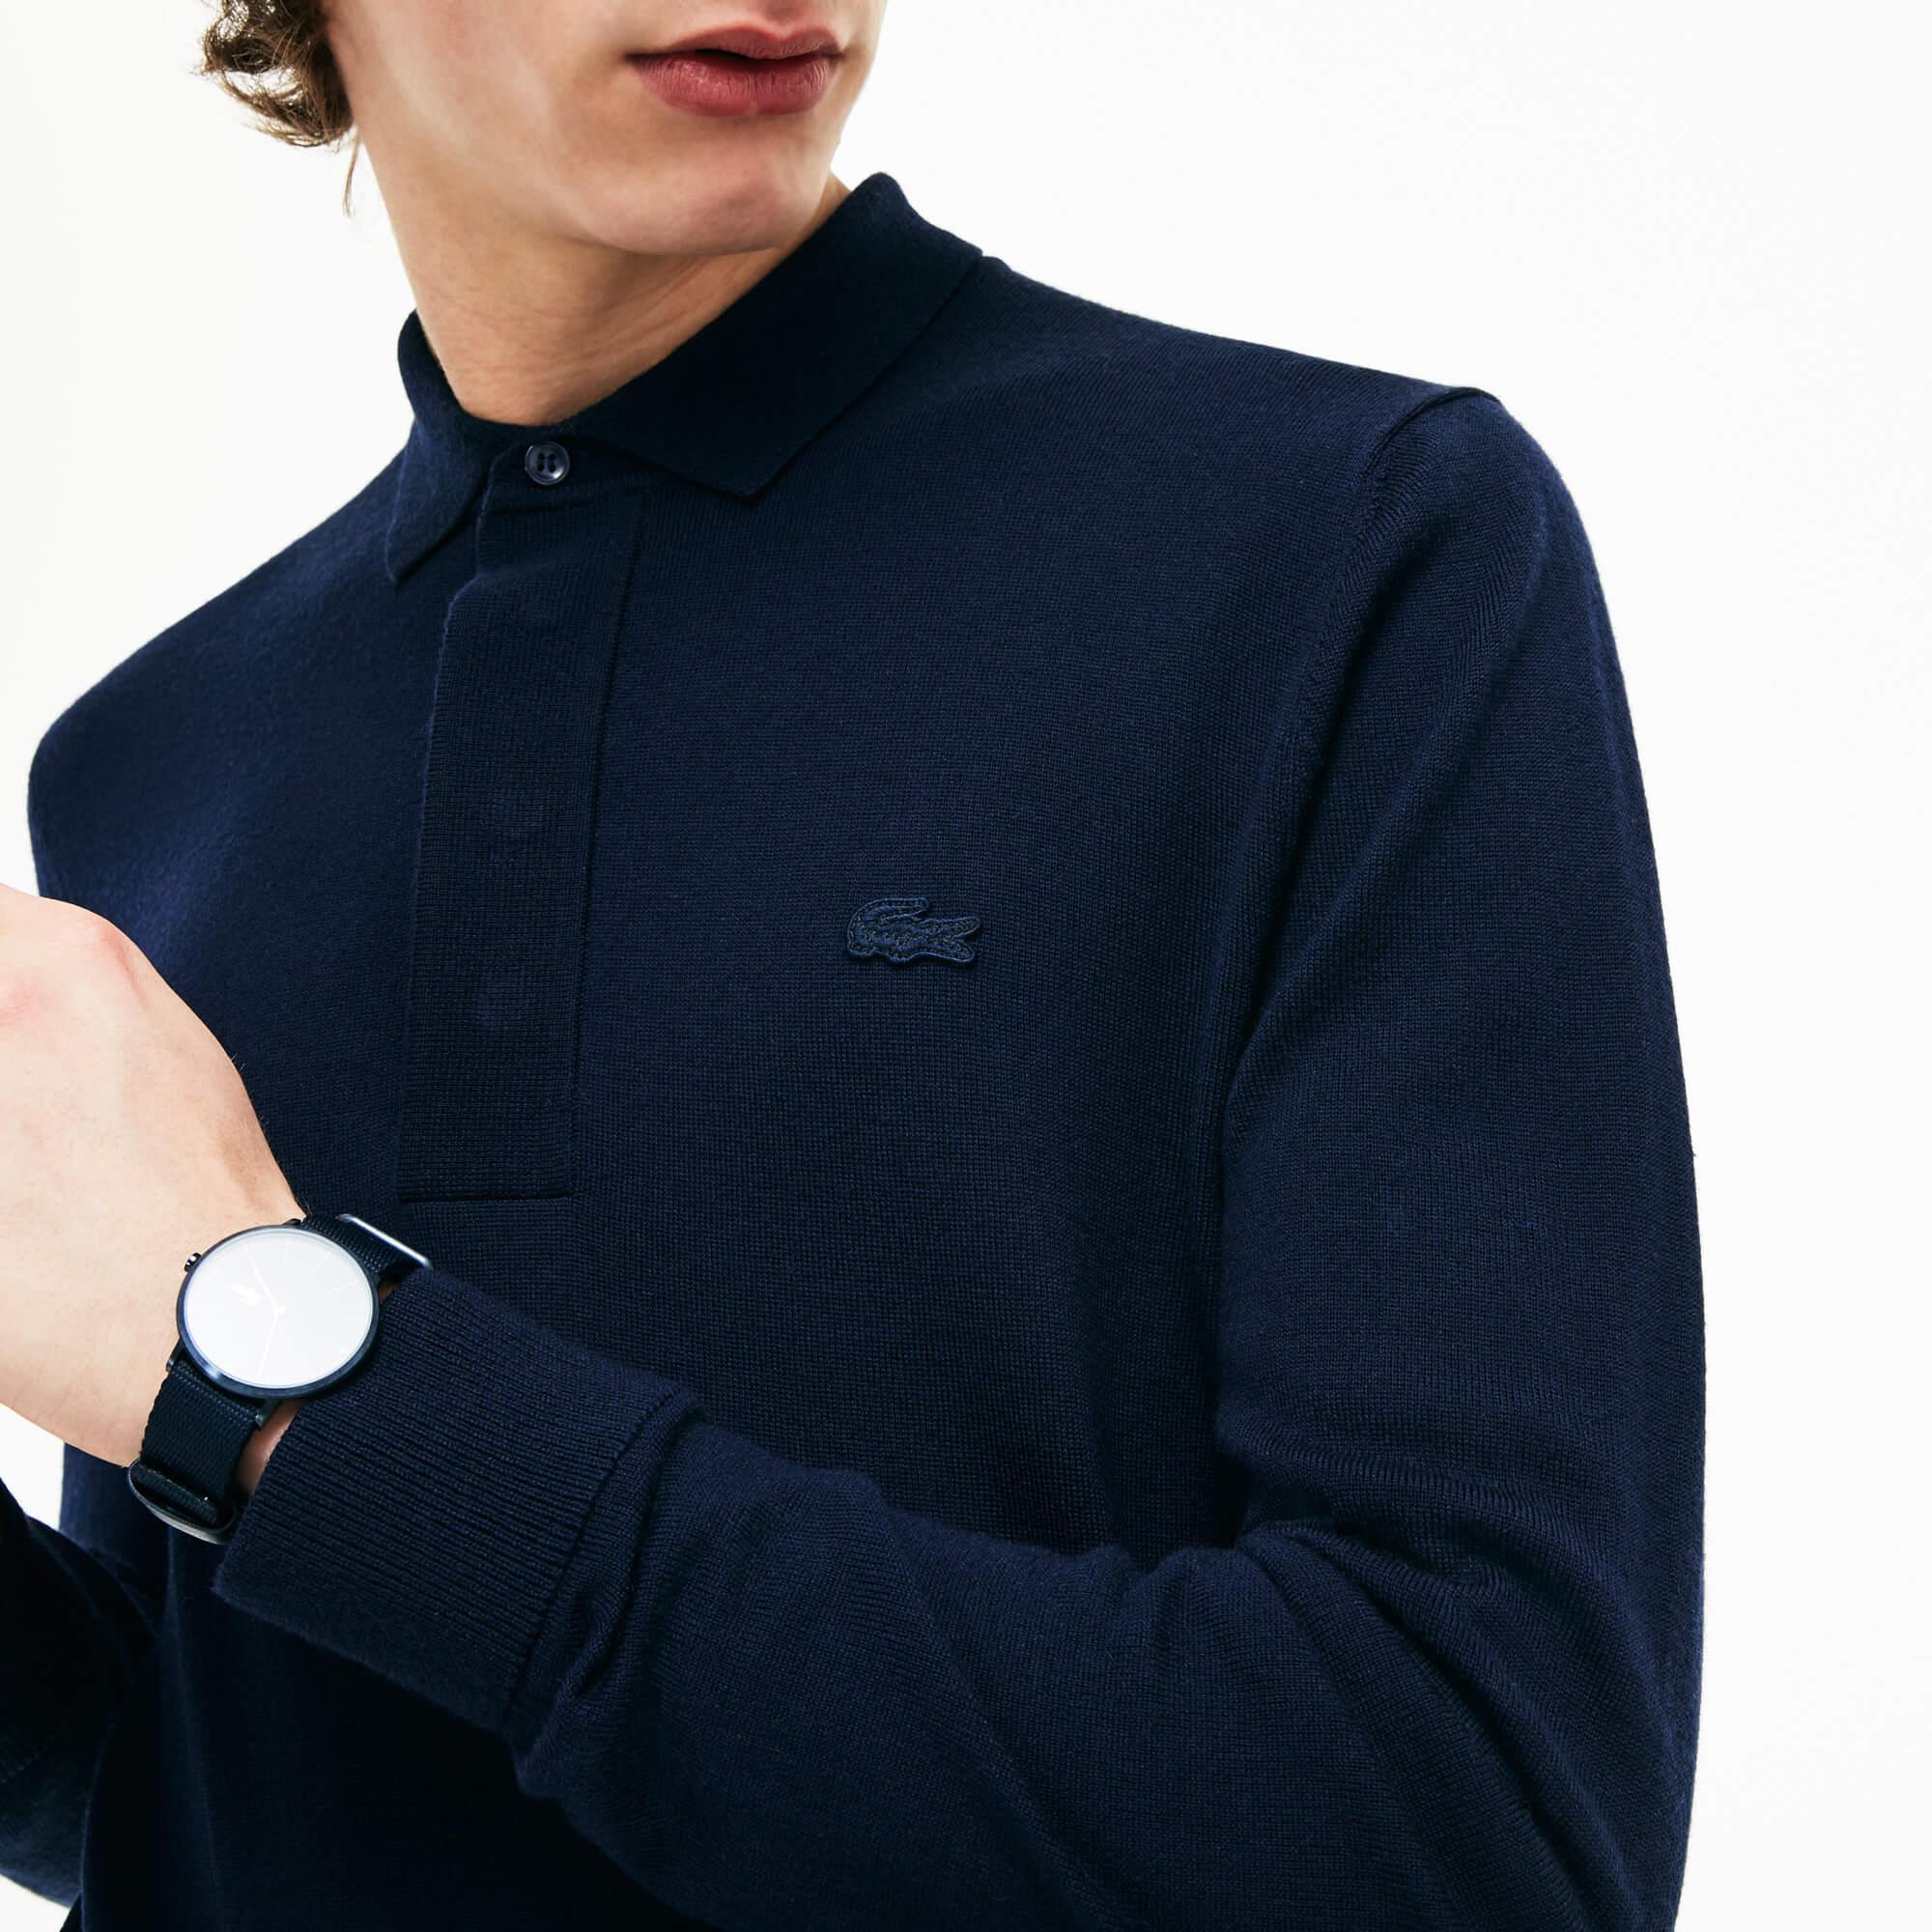 Lacoste Erkek Lacivert Düğme Yakalı Triko Kazak